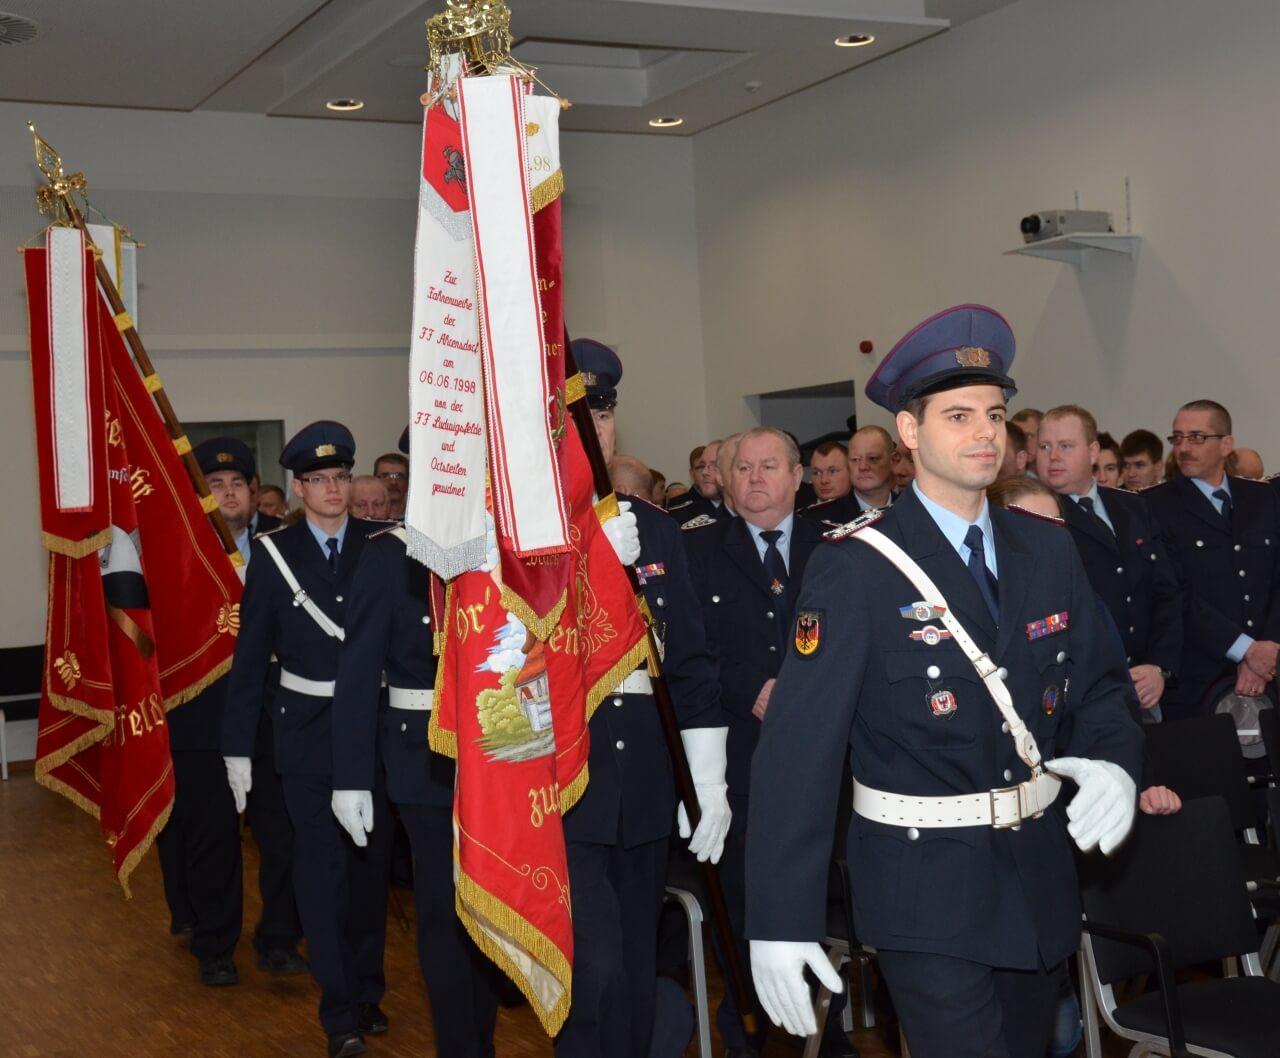 Jahresdienstversammlung Feuerwehr_01